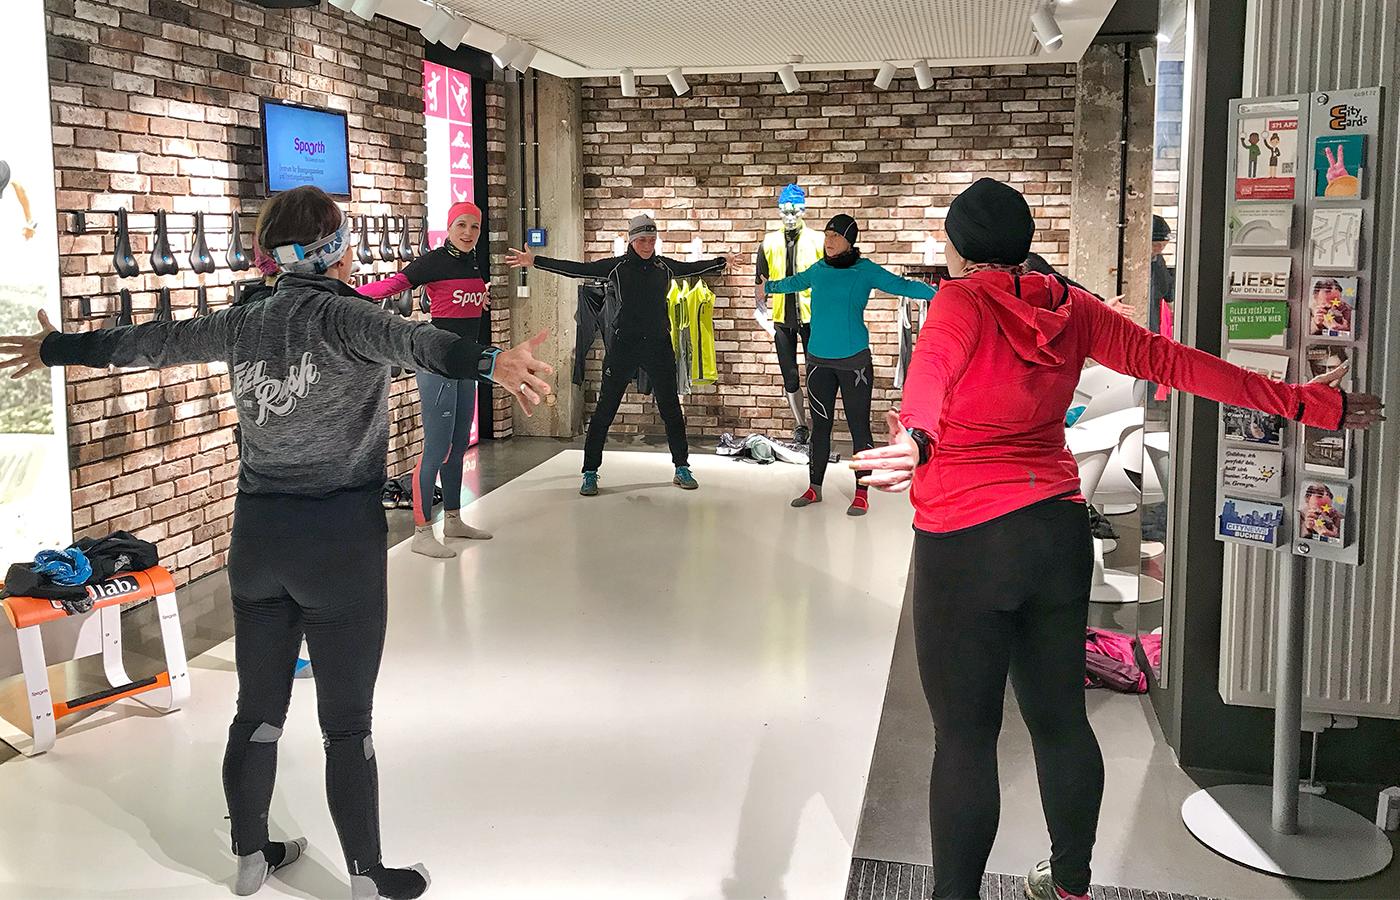 Stabi-Übungen, Lauf-ABC, Steigerungsläufe und Dehnungen gehören mit zum Programm des Lauftreffs für Frauen.